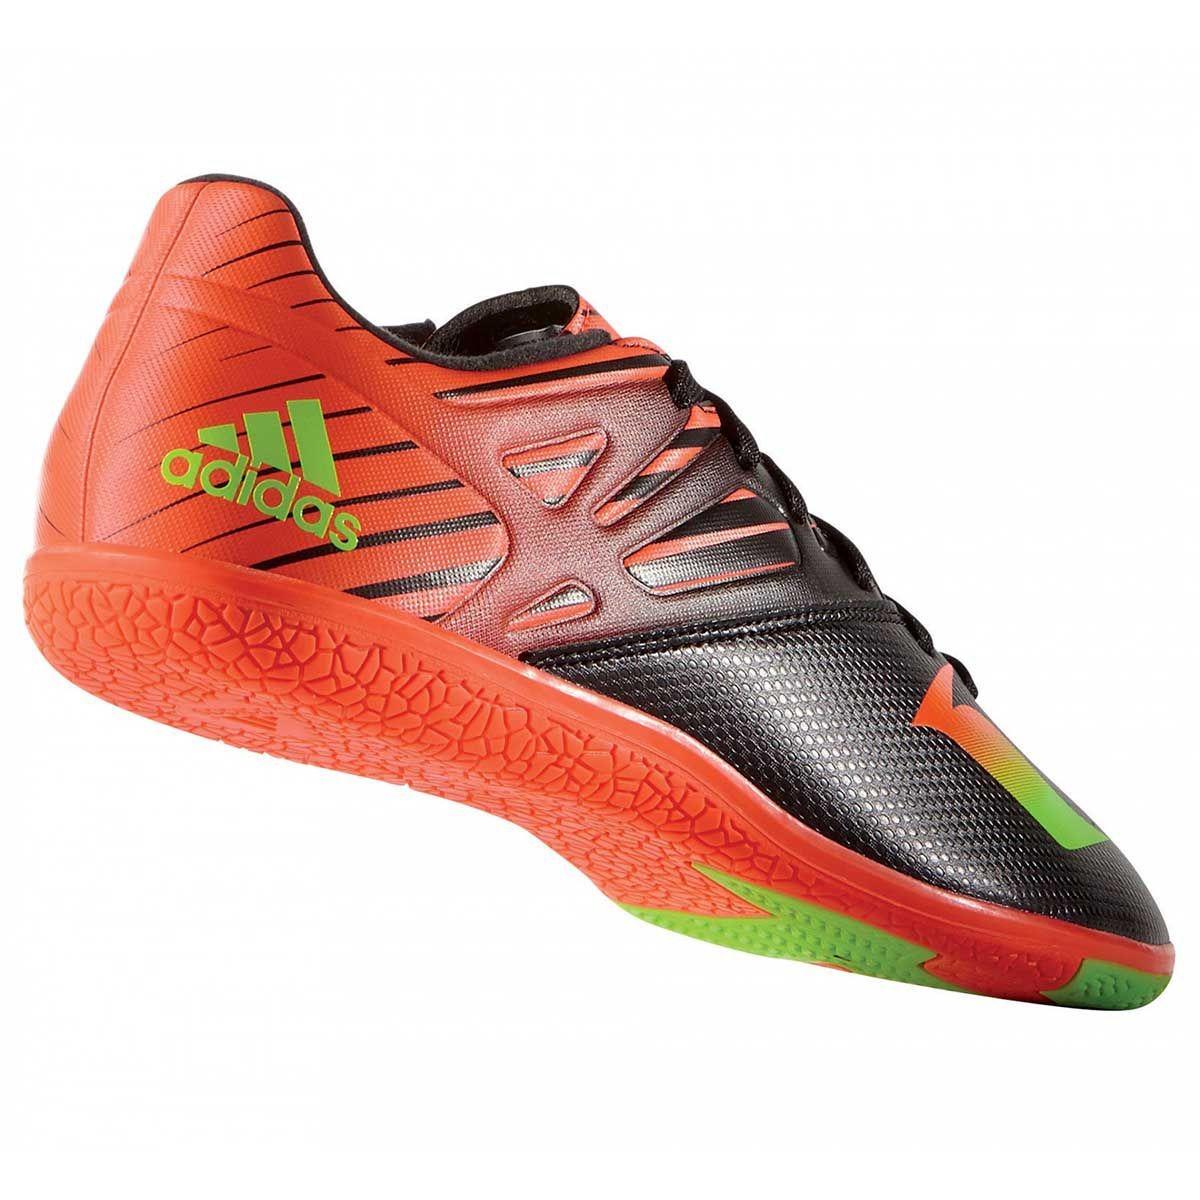 chuteira tênis de futsal adidas messi 15.3 origianl+ nf. Carregando zoom. 77a51d8583f18